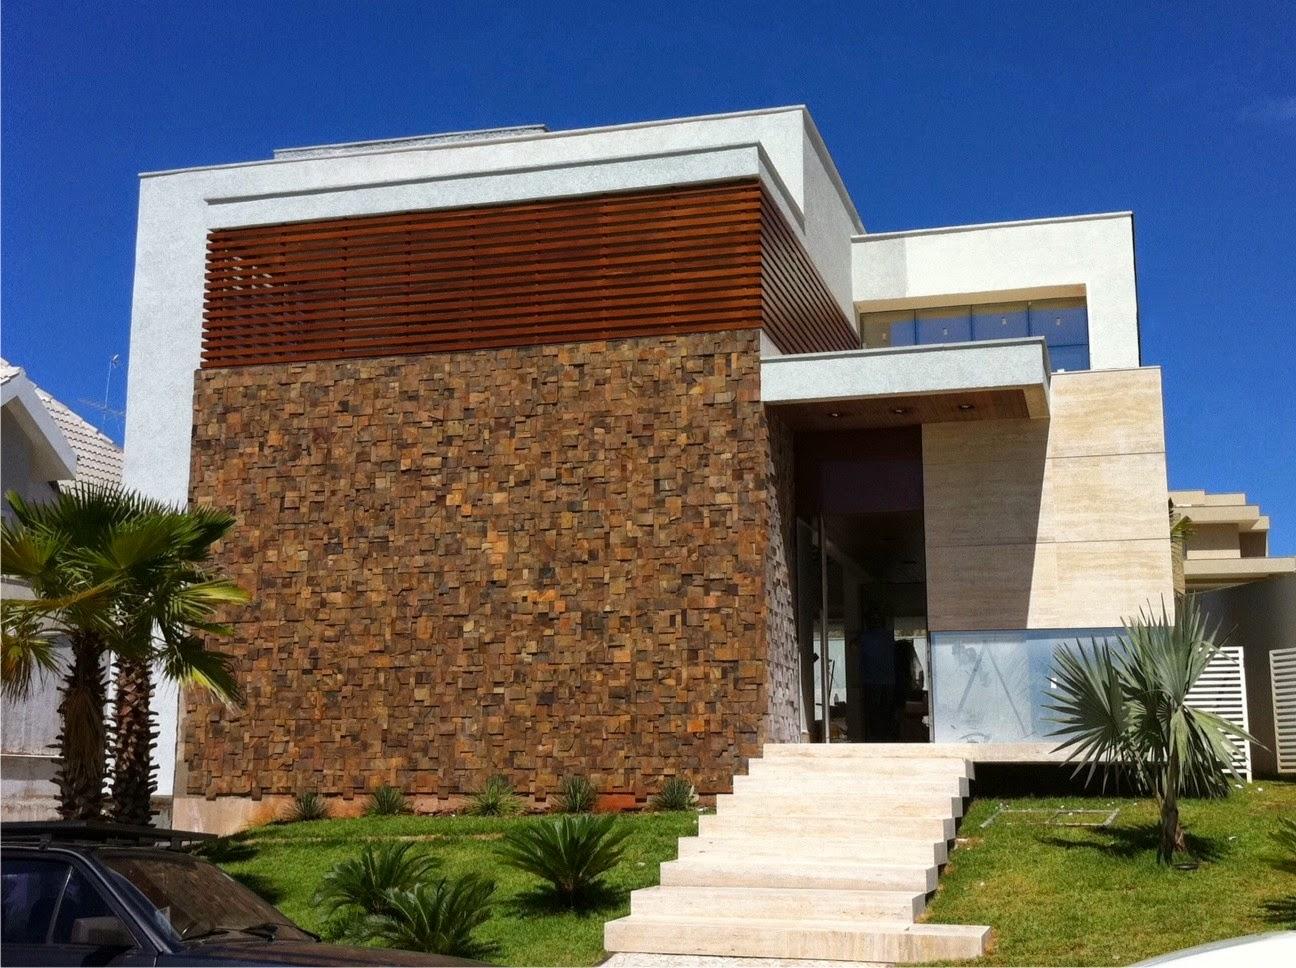 30 fachadas de casas com pedras veja diferentes tipos e - Fachadas de casas andaluzas ...